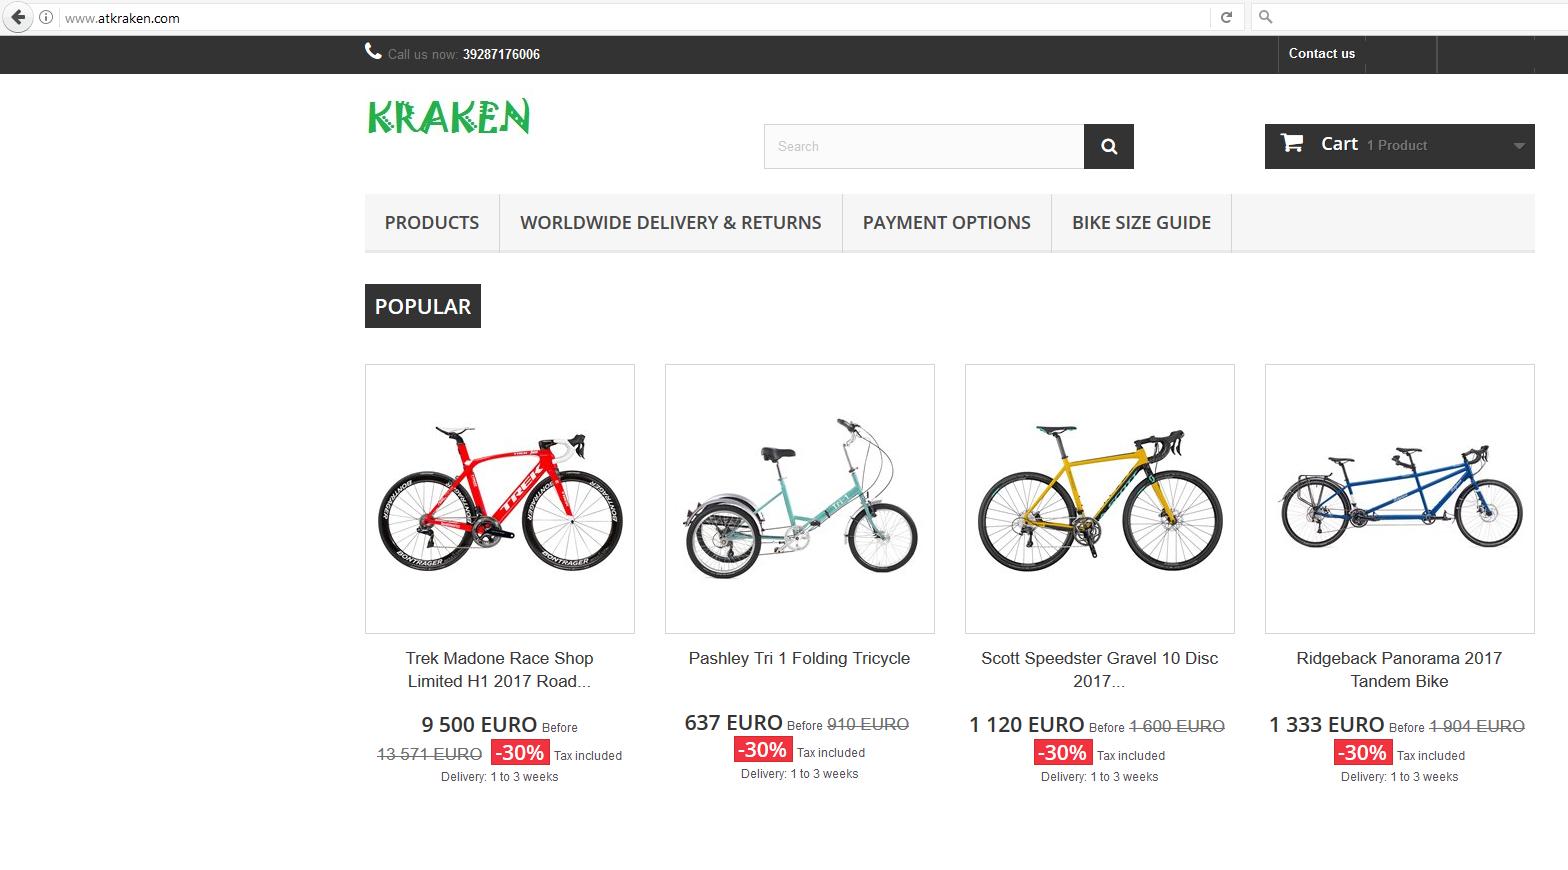 AT-Kraken_com_Homepage_Faik-Betrug_Vorsicht.PNG